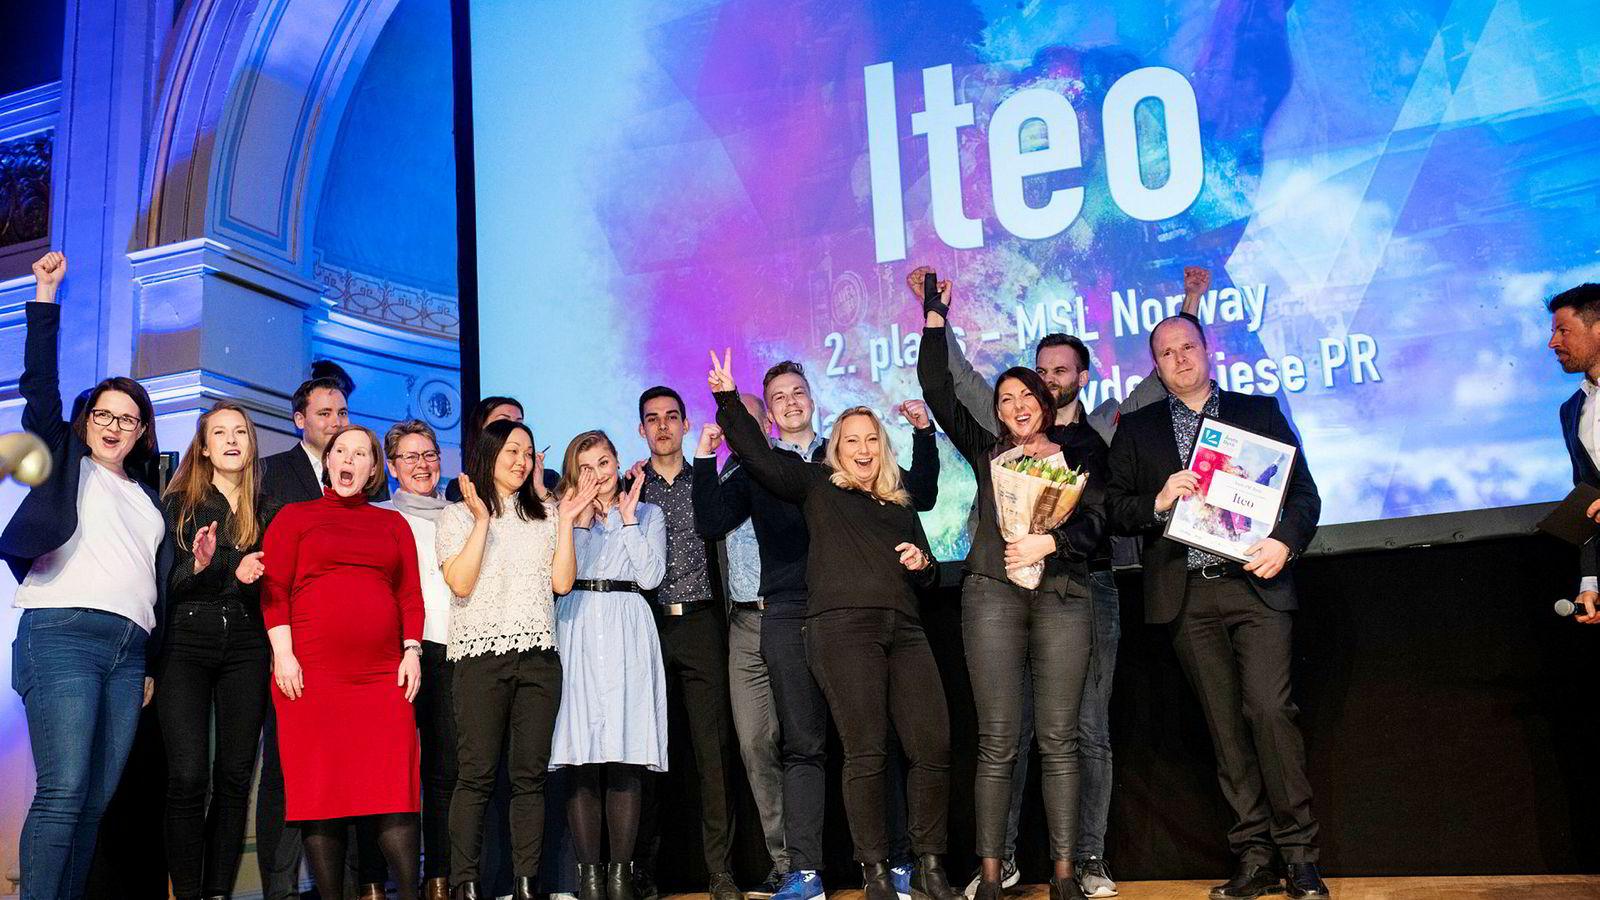 Iteo ble årets pr-byrå under prisutdelingen på Gamle Logen onsdag kveld.